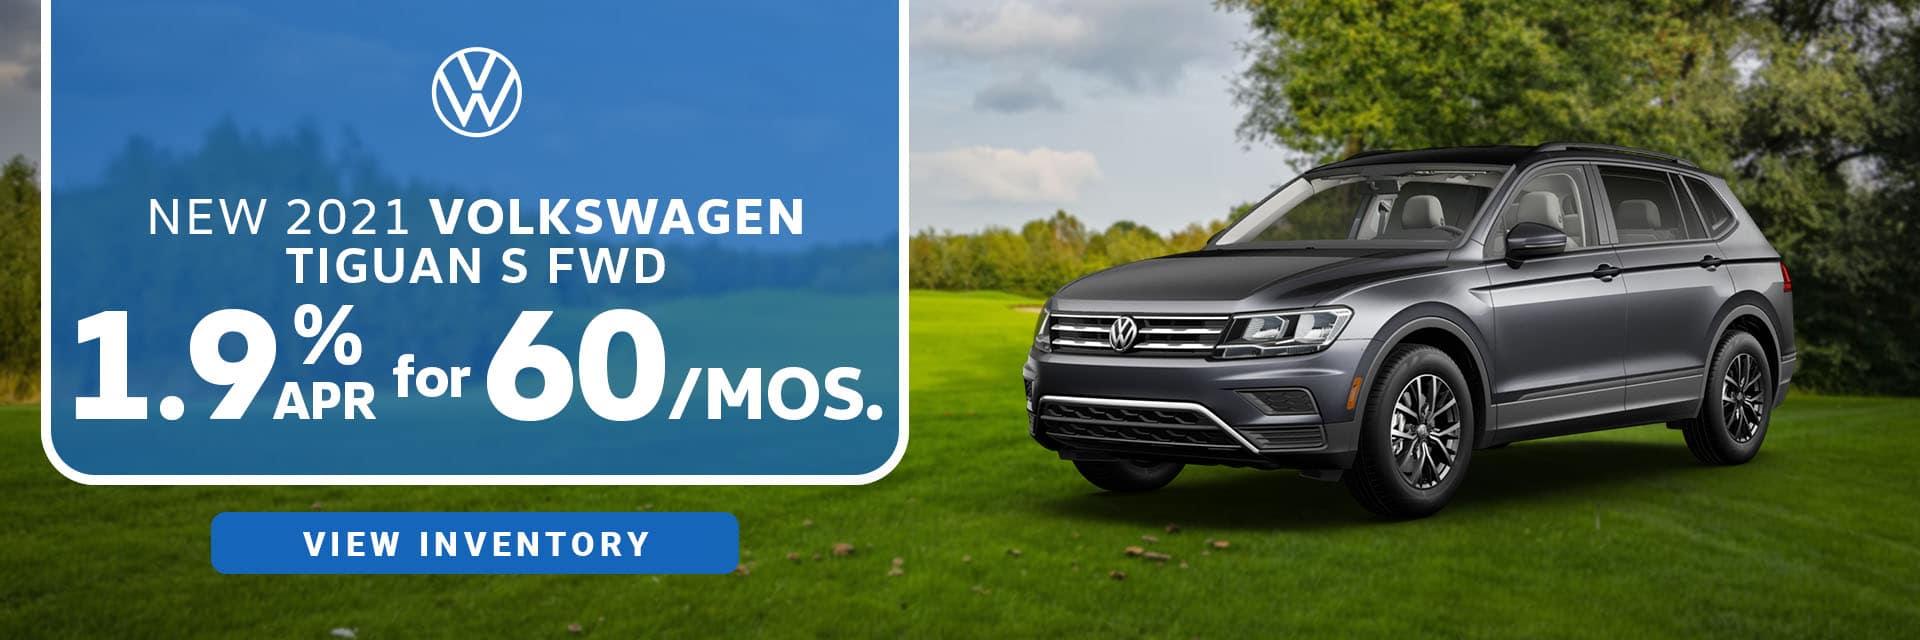 CVWG-October 20212021 Volkswagen Tiguan copy